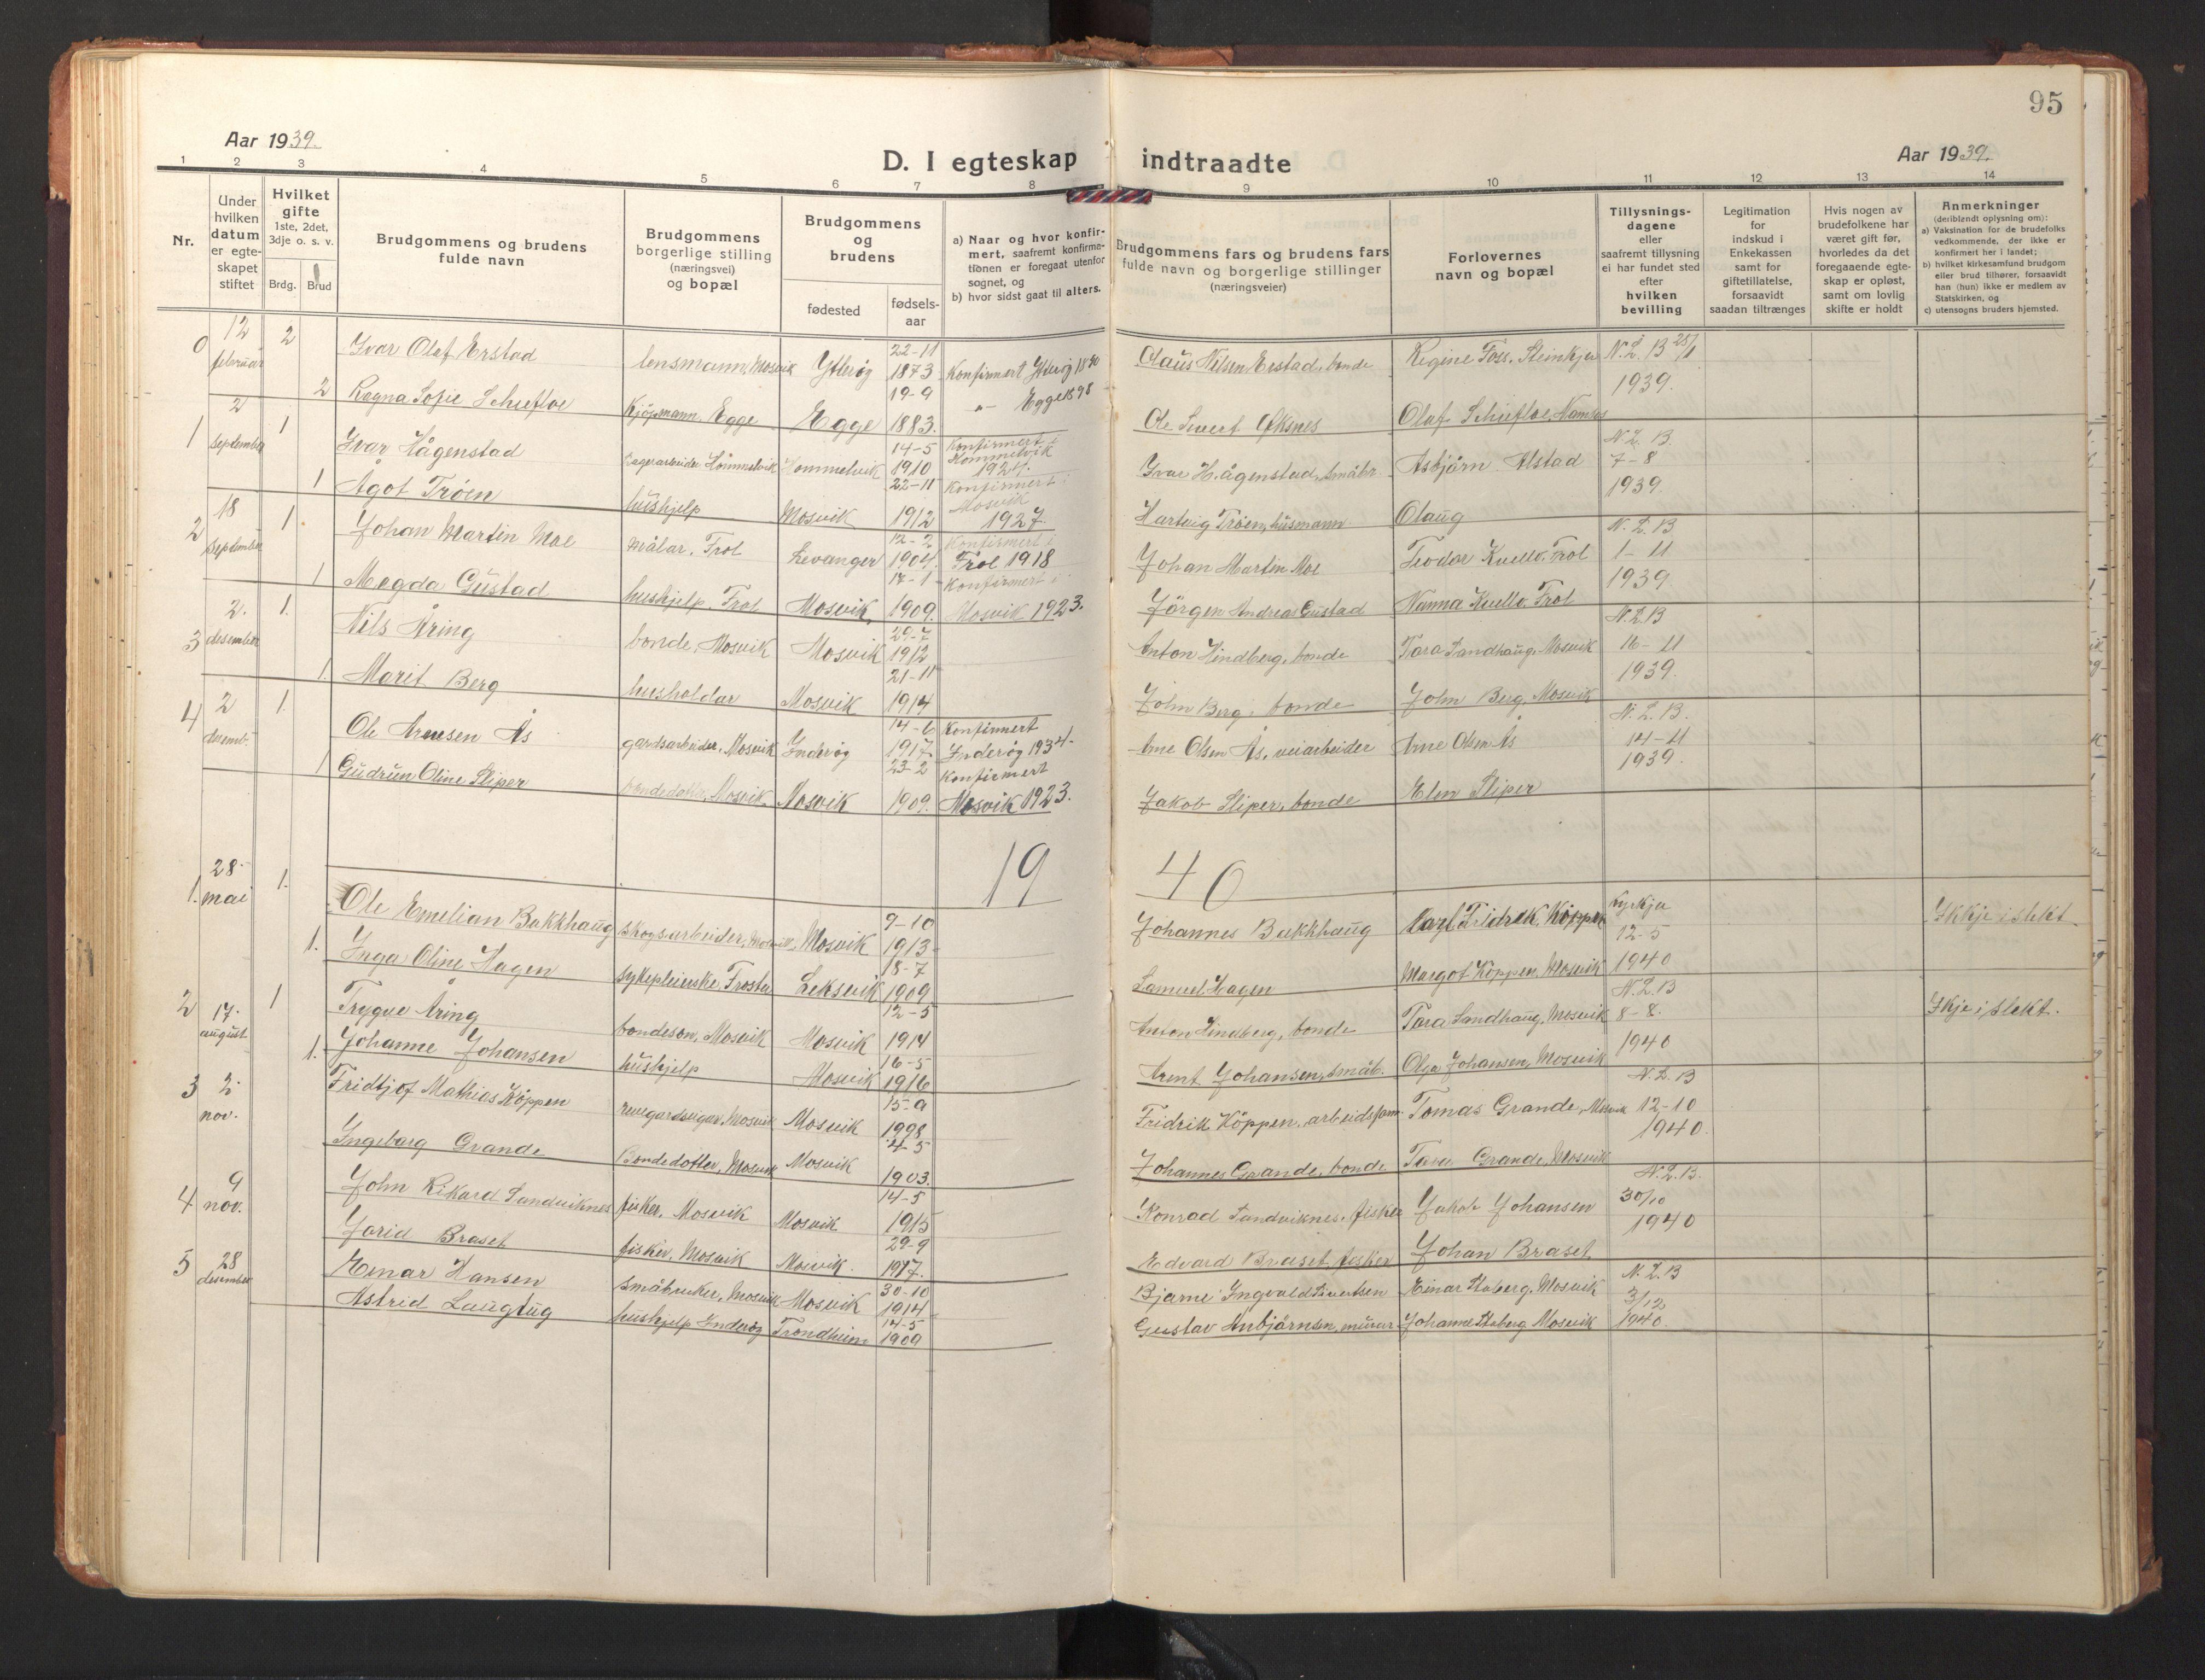 SAT, Ministerialprotokoller, klokkerbøker og fødselsregistre - Nord-Trøndelag, 733/L0328: Klokkerbok nr. 733C03, 1919-1966, s. 95